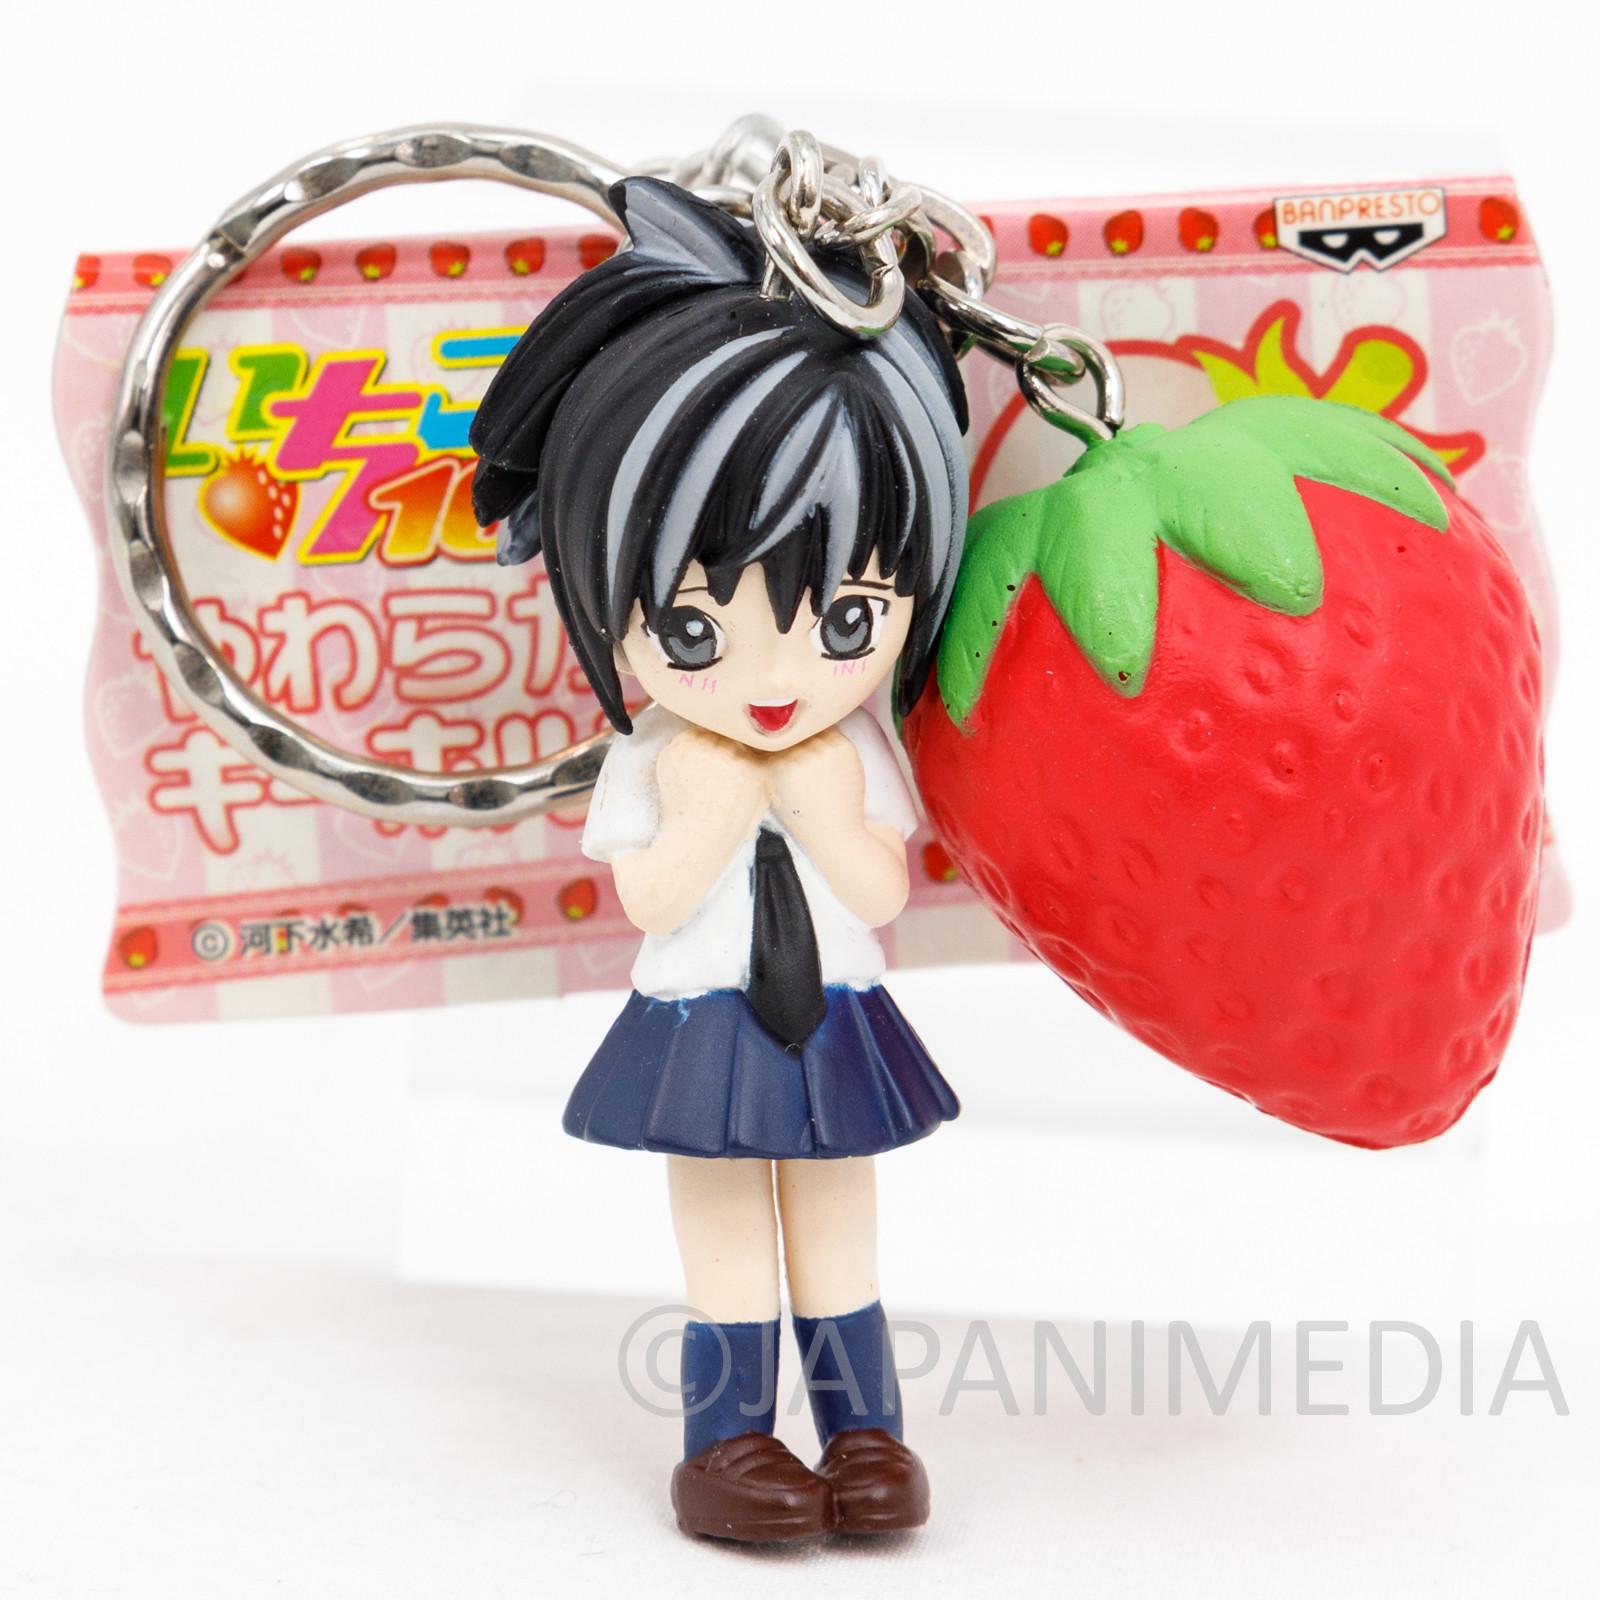 Strawberry Ichigo 100% Kozue Mukai Figure Keychain JAPAN ANIME MANGA